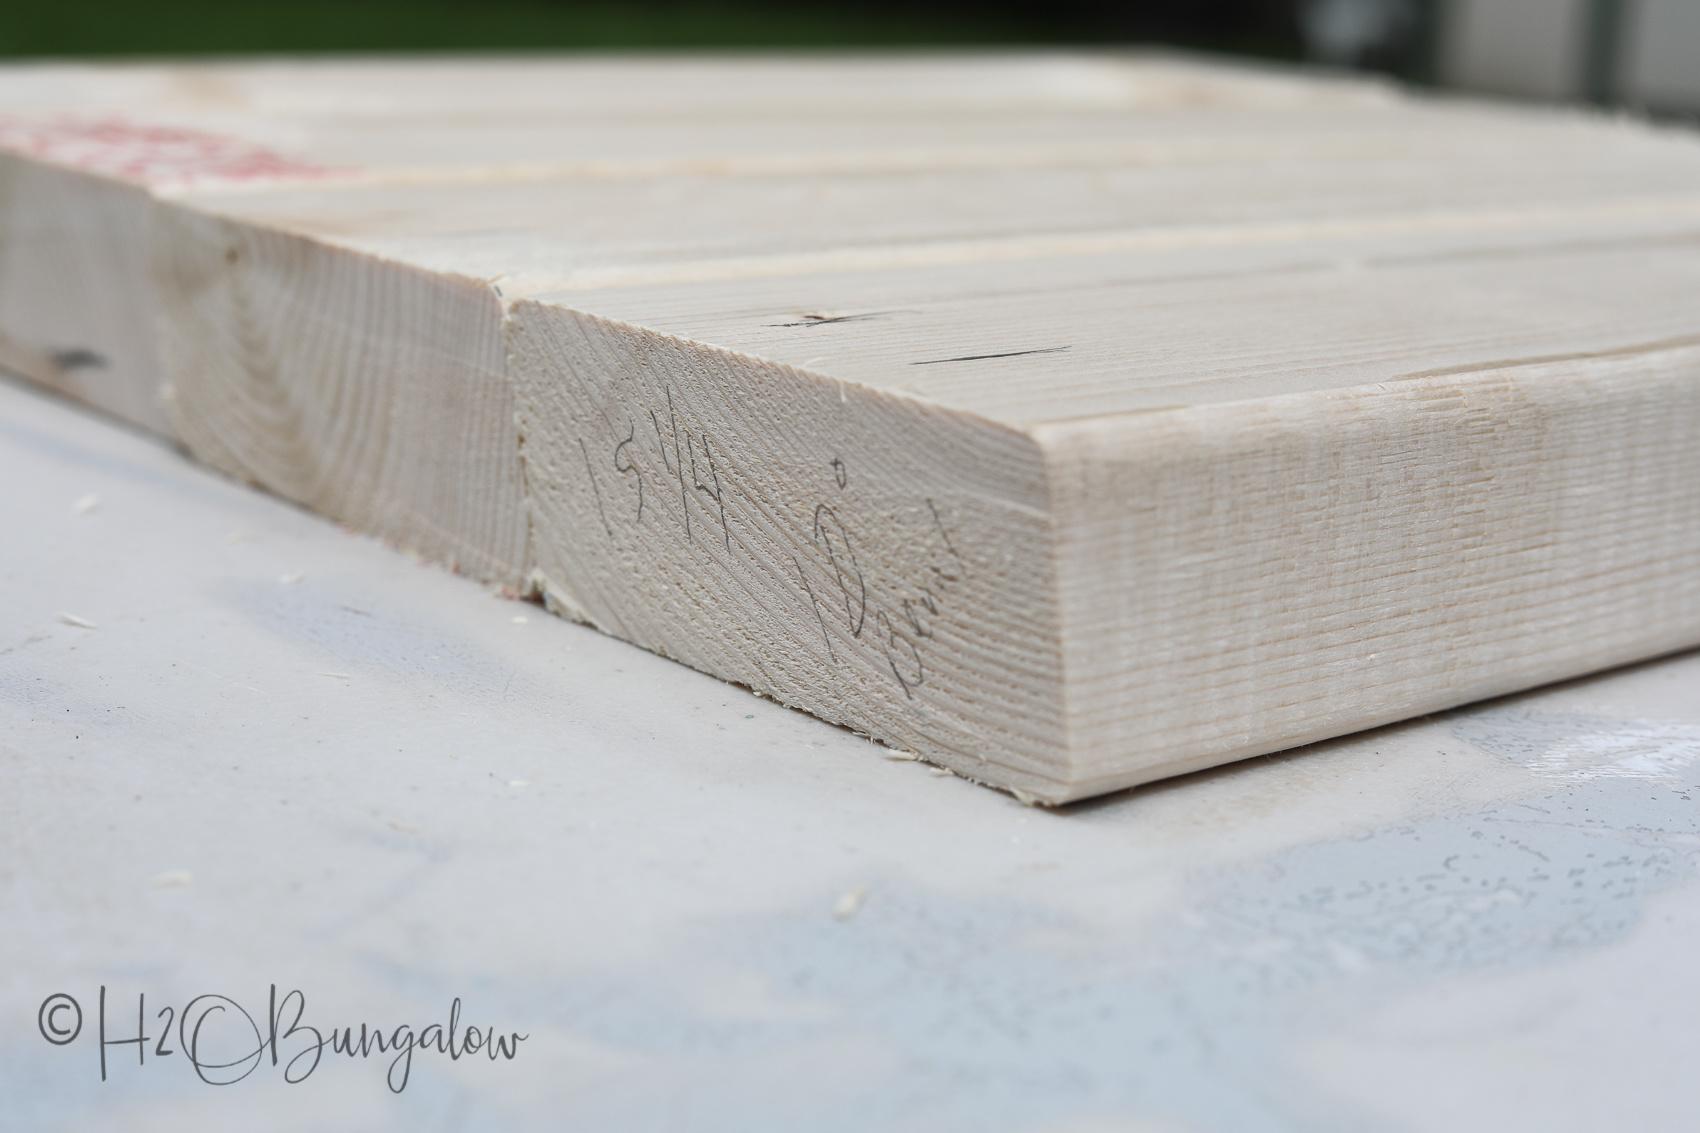 Cutting wood, DIY modern rustic bench tutorial steps